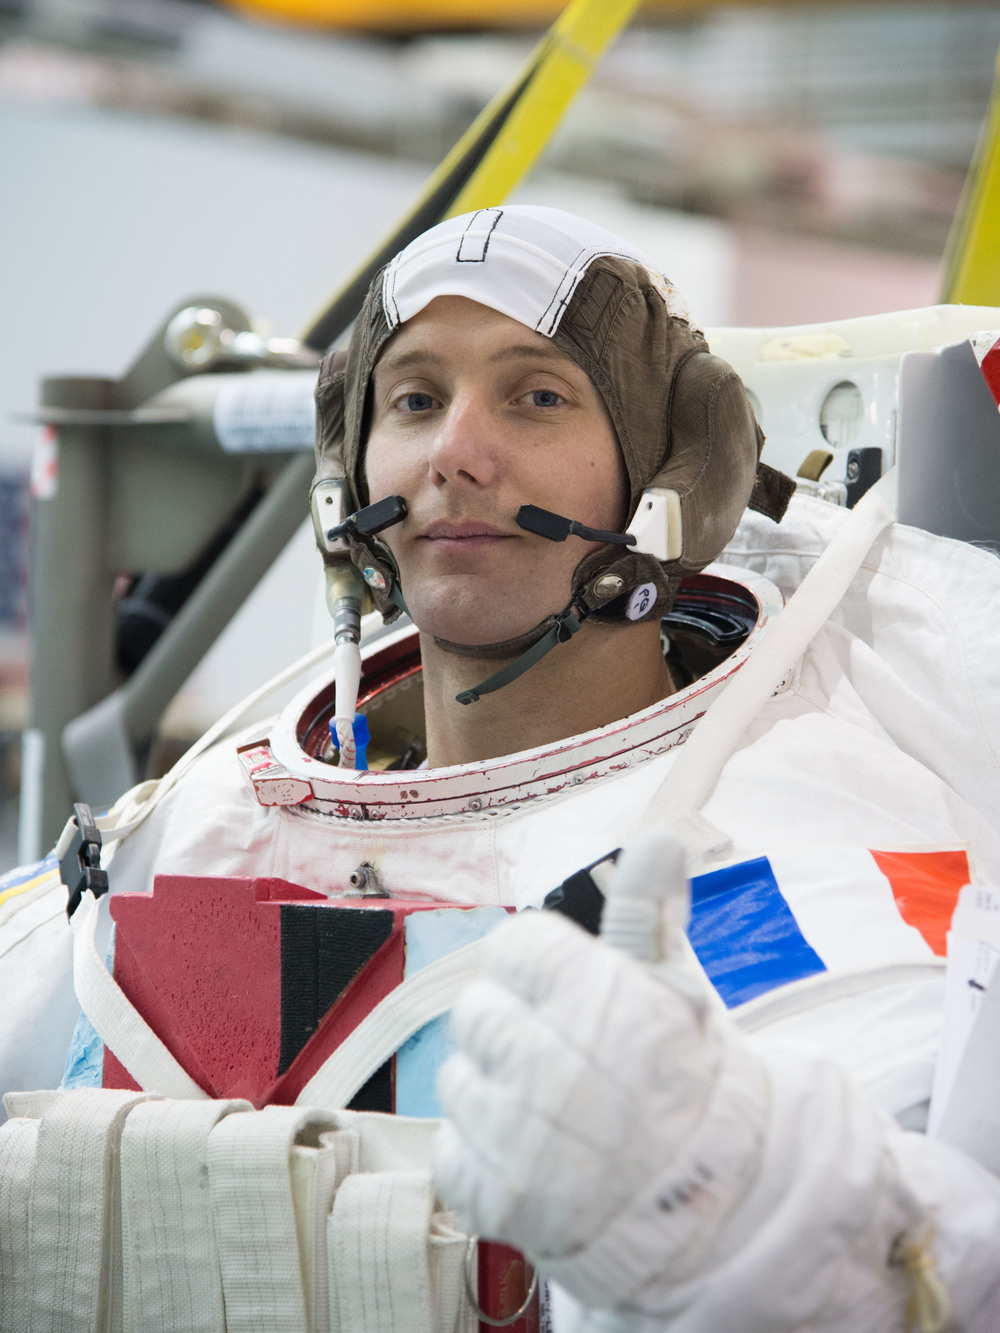 ESA/CNES Astronaut  Thomas Pesquet